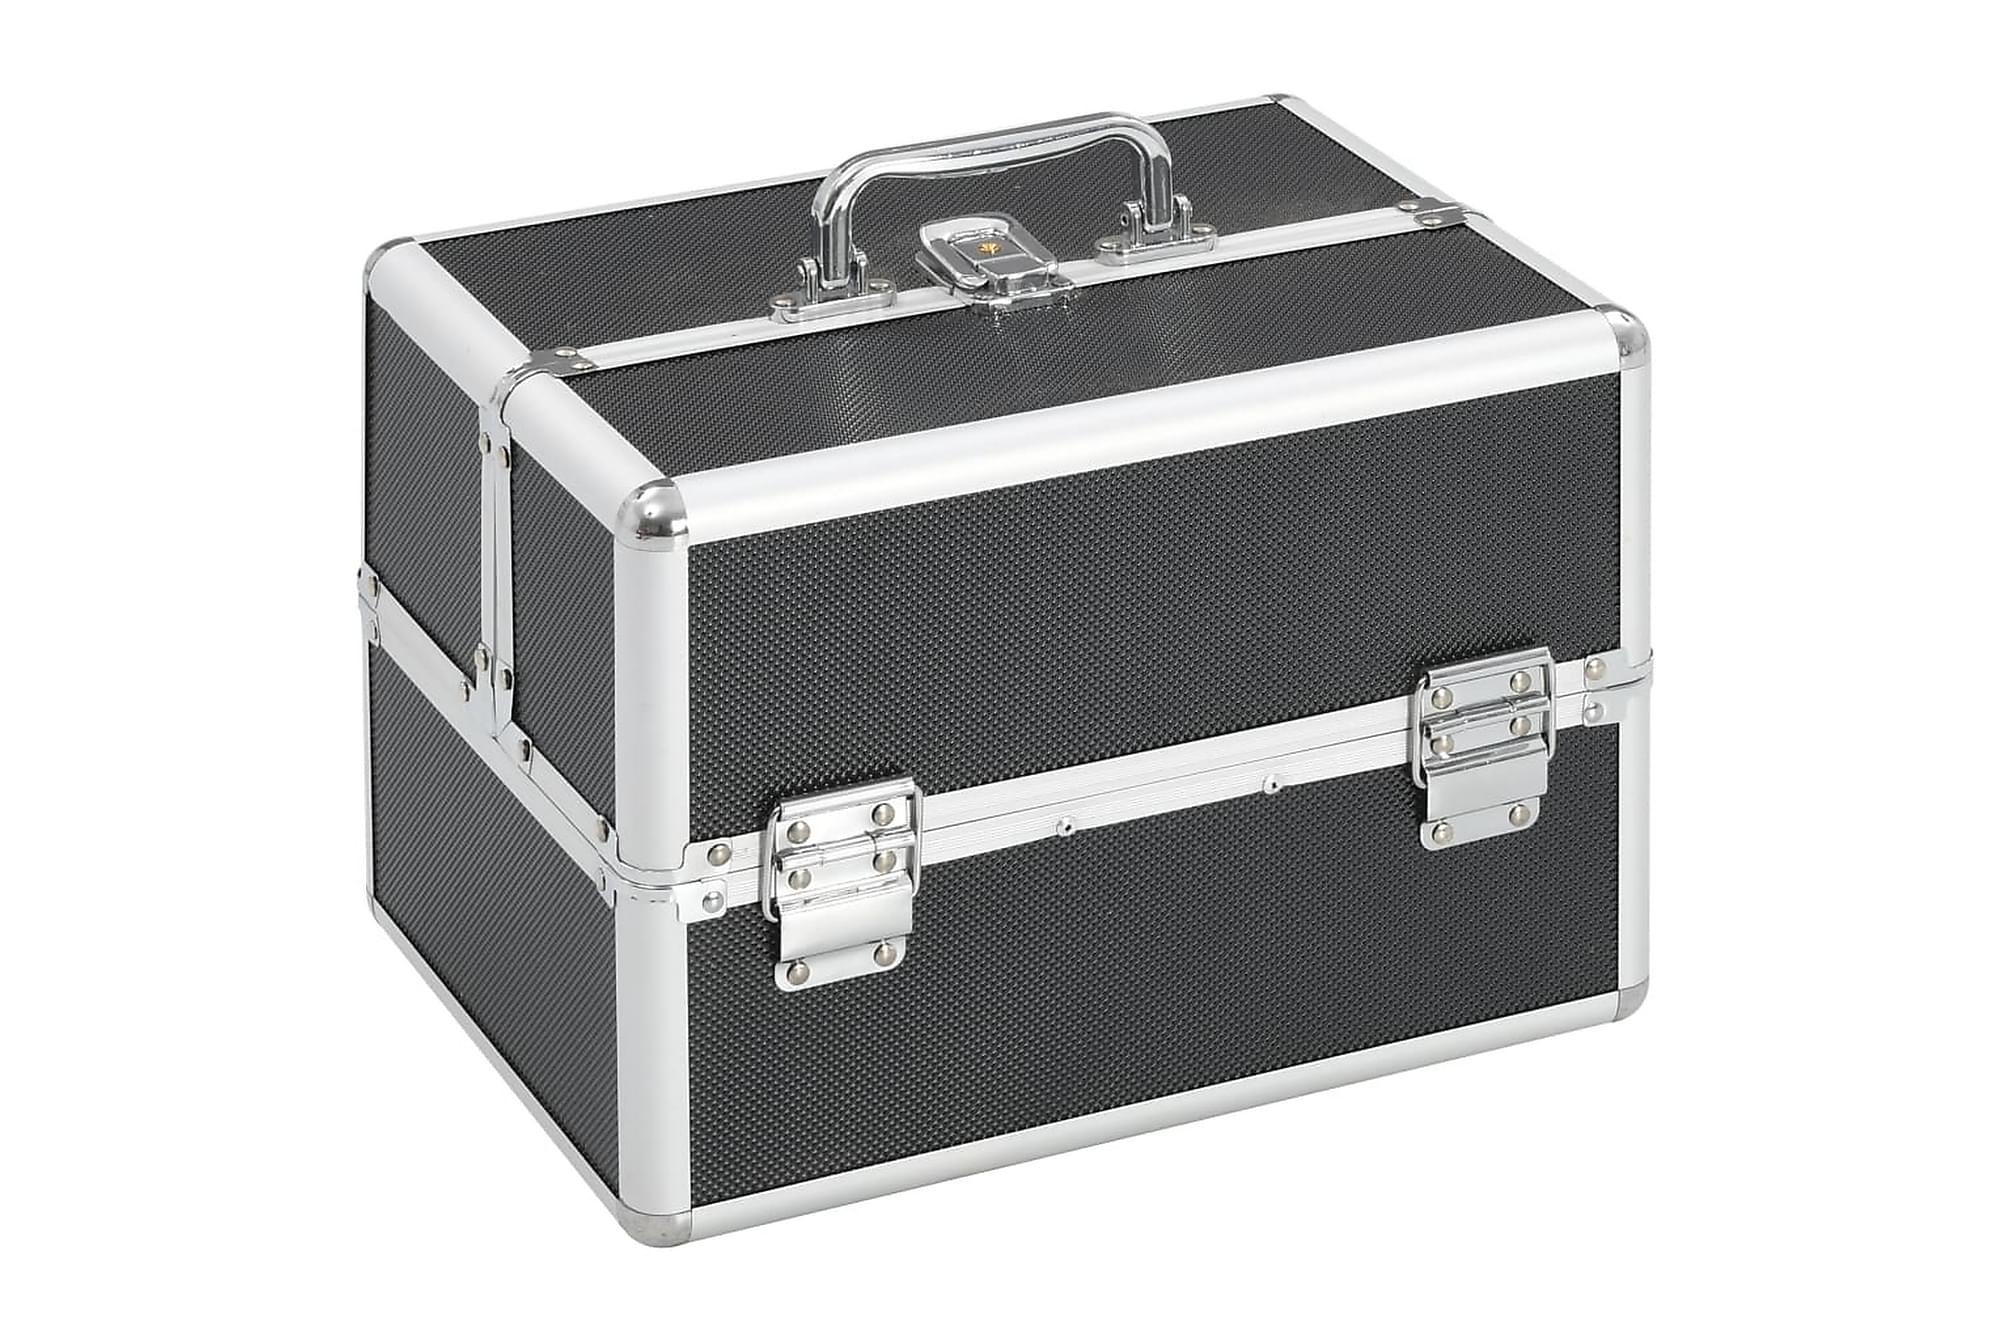 Sminklåda 22x30x21 cm svart aluminium